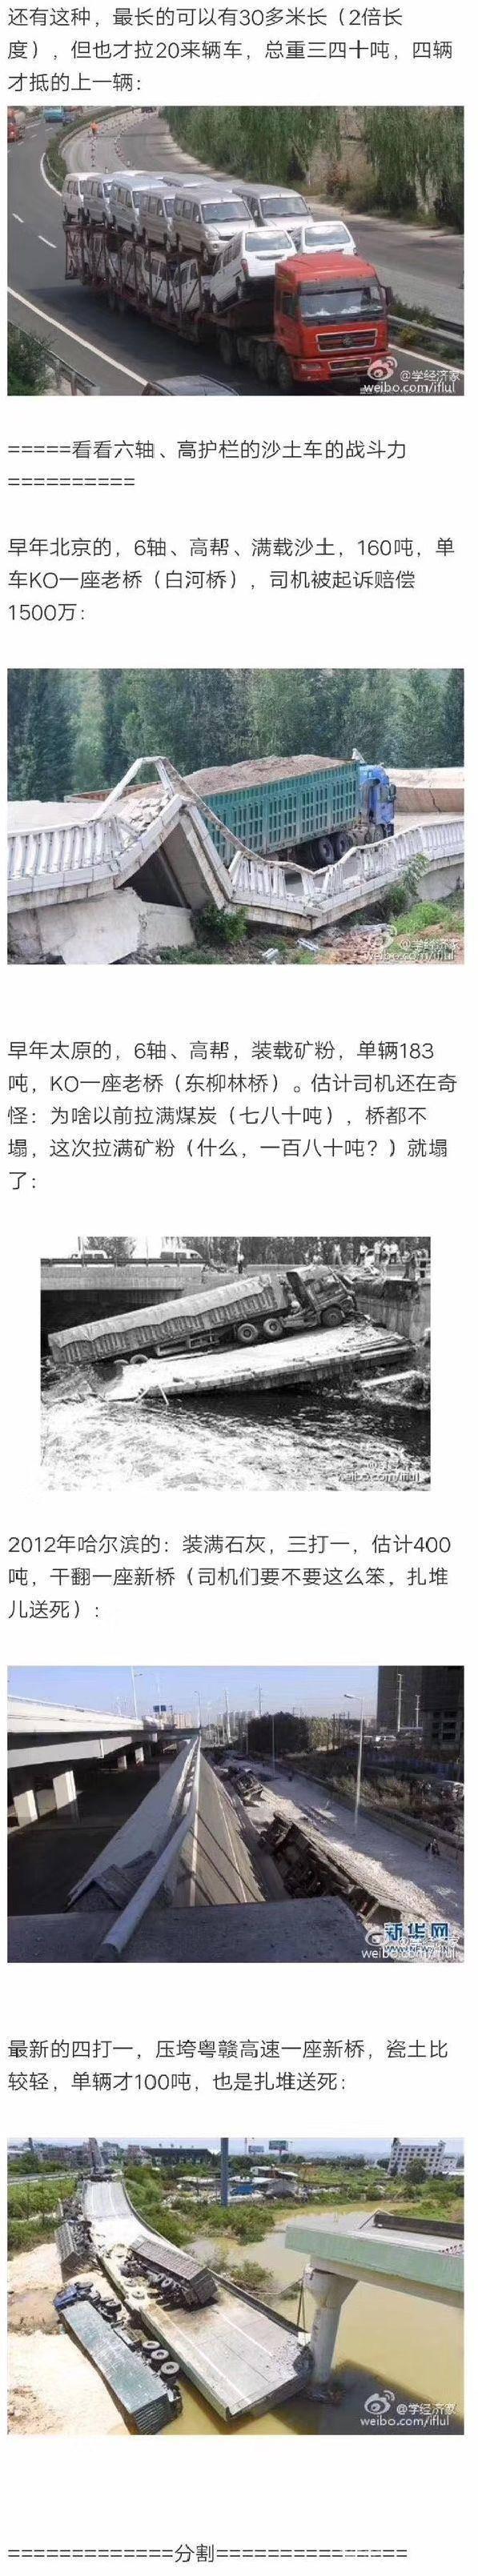 """大貨車事故頻發,如何辨認那些能把橋壓垮的""""大殺傷力""""貨車?"""